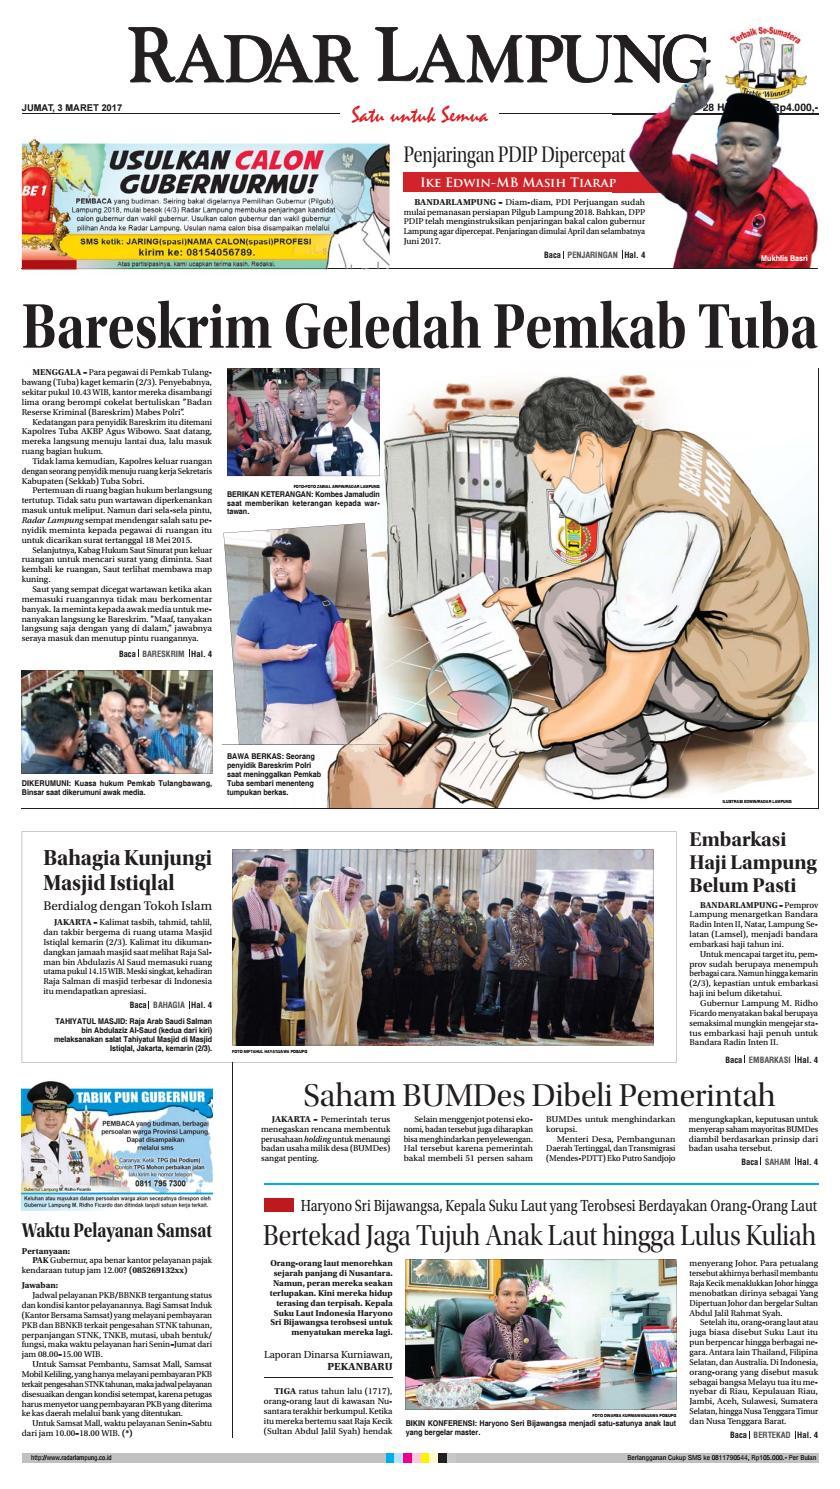 030317 By Ayep Kancee Issuu Produk Ukm Bumn Sajadah Anak Laki